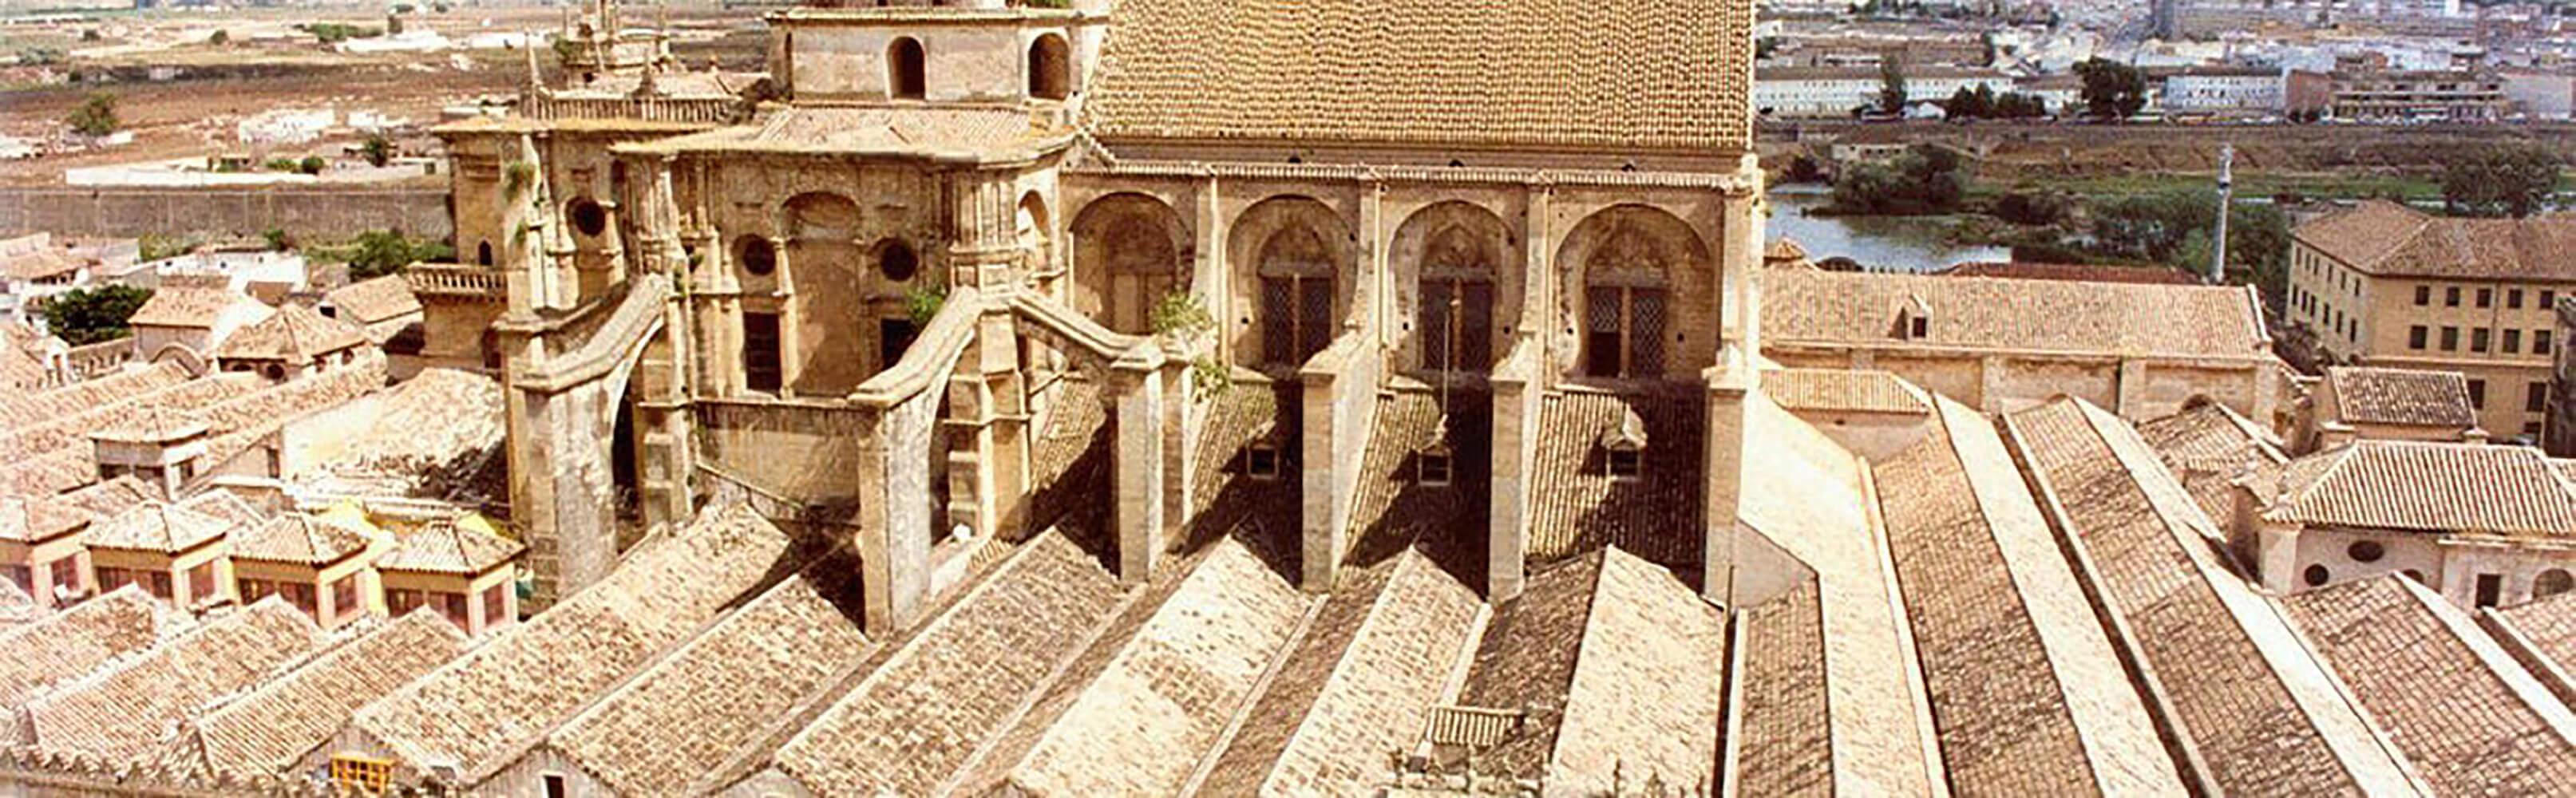 Mezquita de Córdoba 1